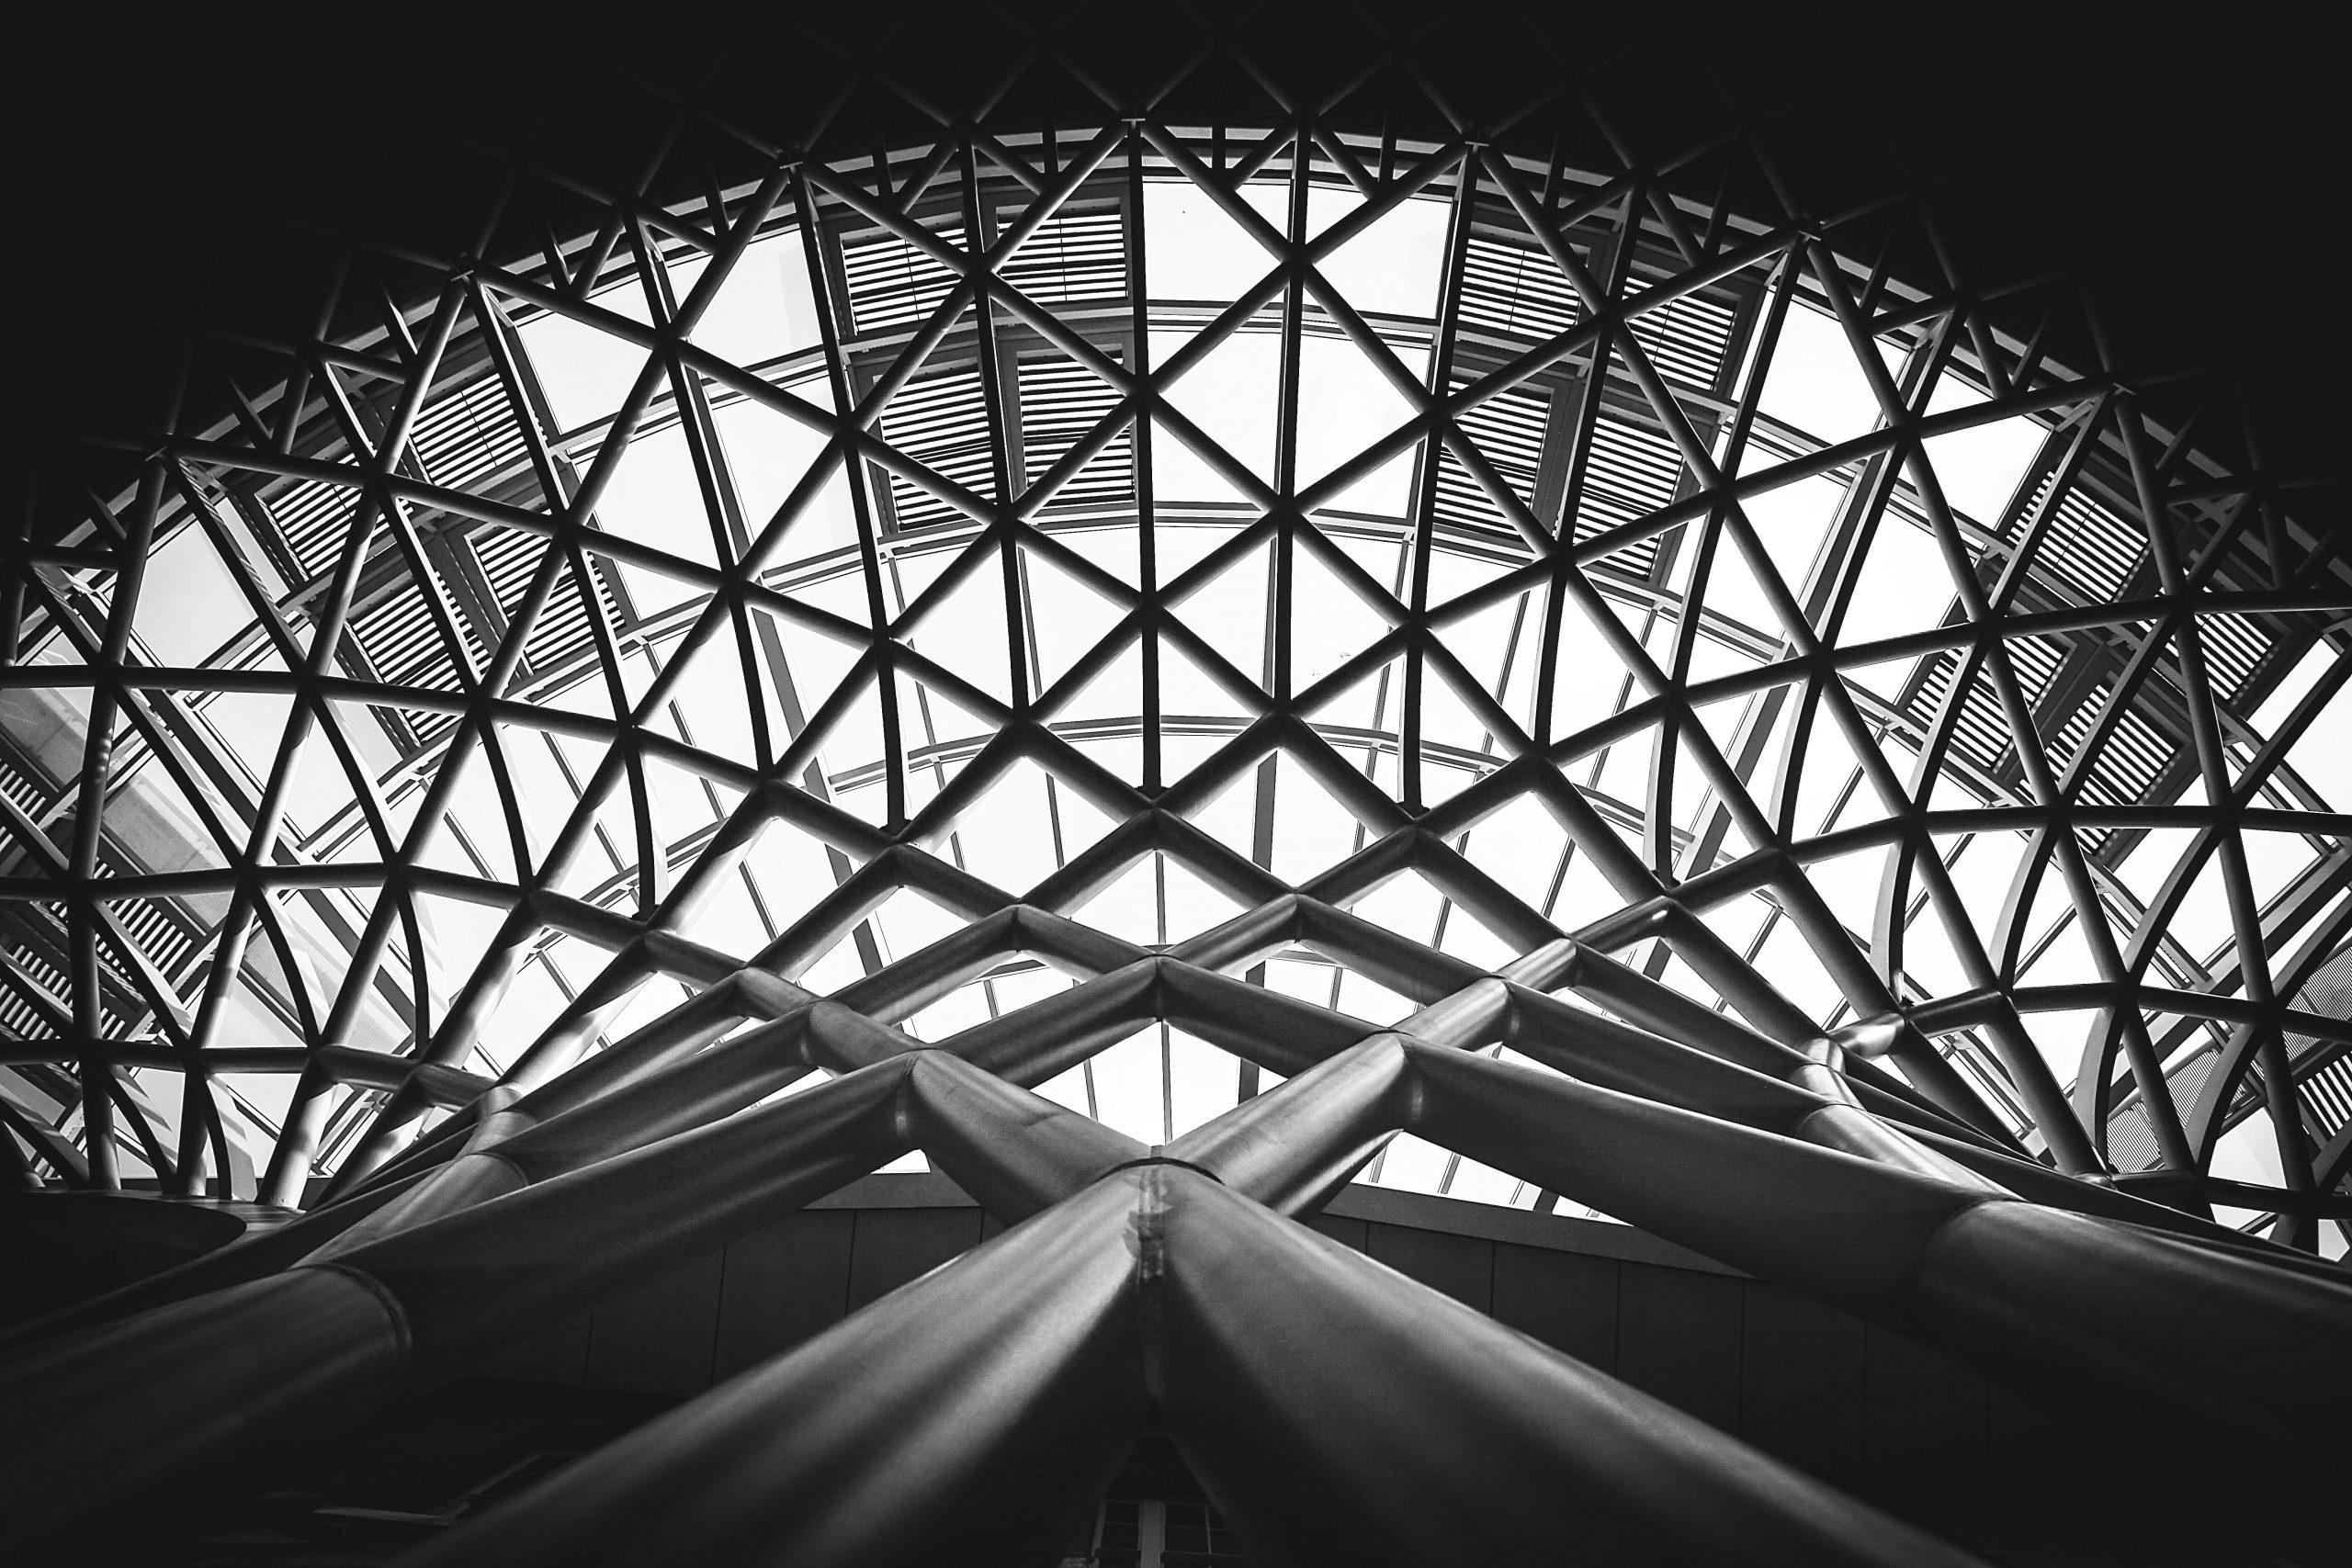 empresas de acero - proyectos en acero - reduce los costos con acero - empresas de acero en colombia - estructuras metalicas medellin